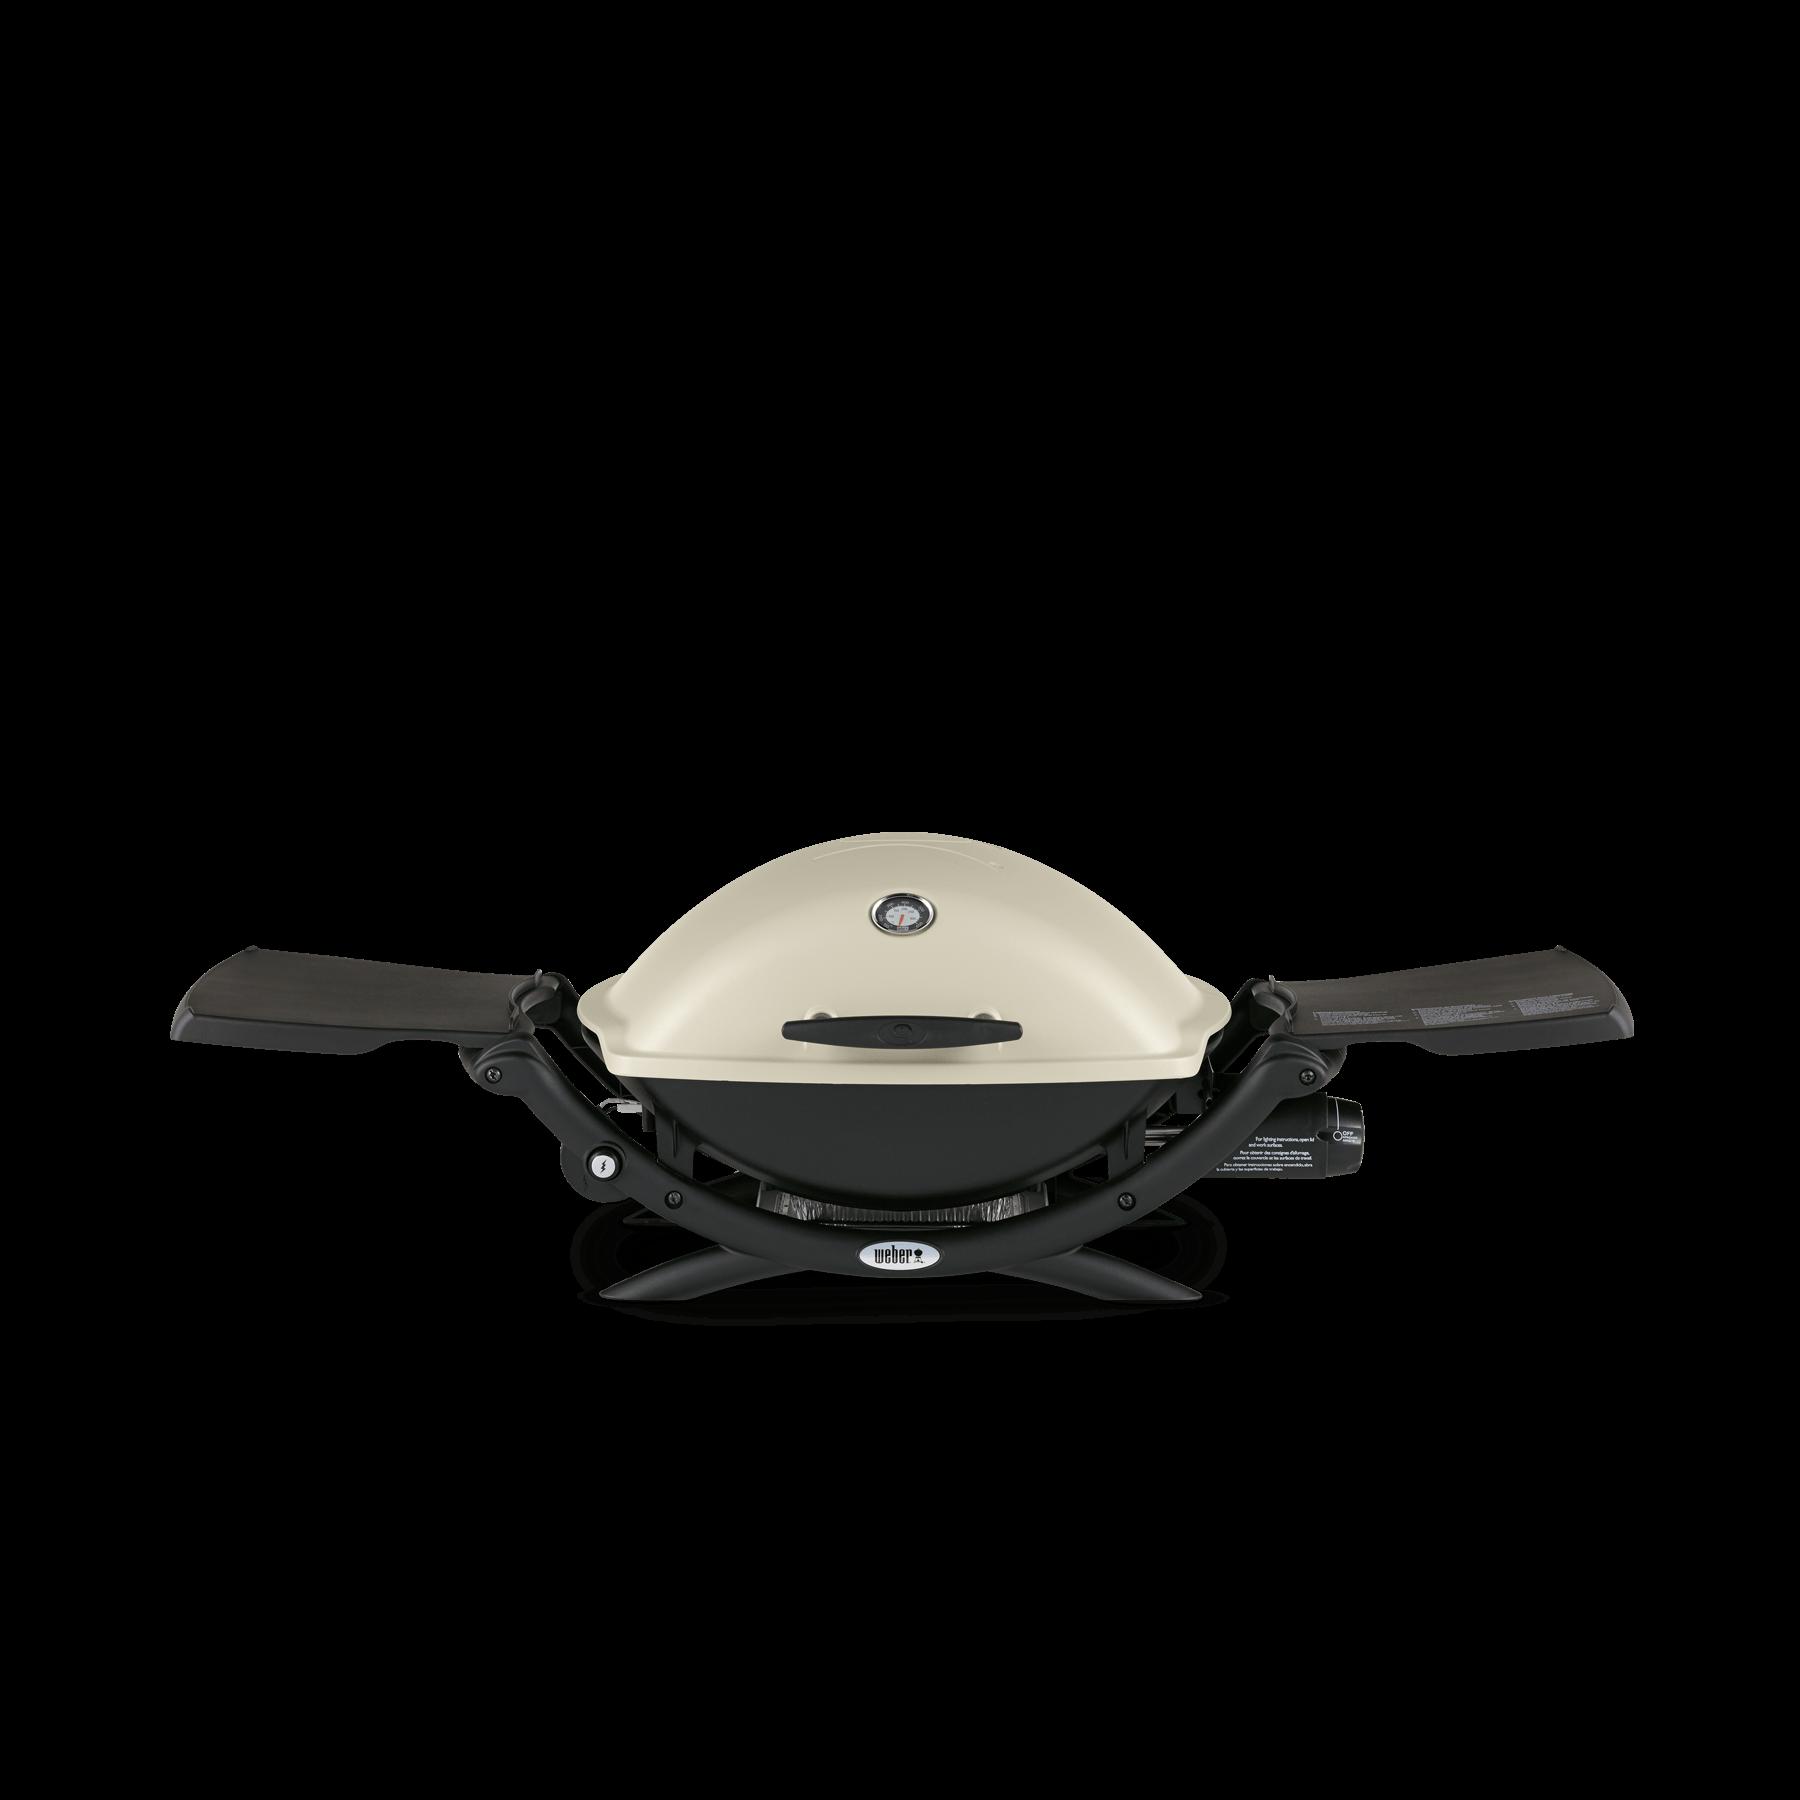 WEBER Q 2200 燃气烤炉